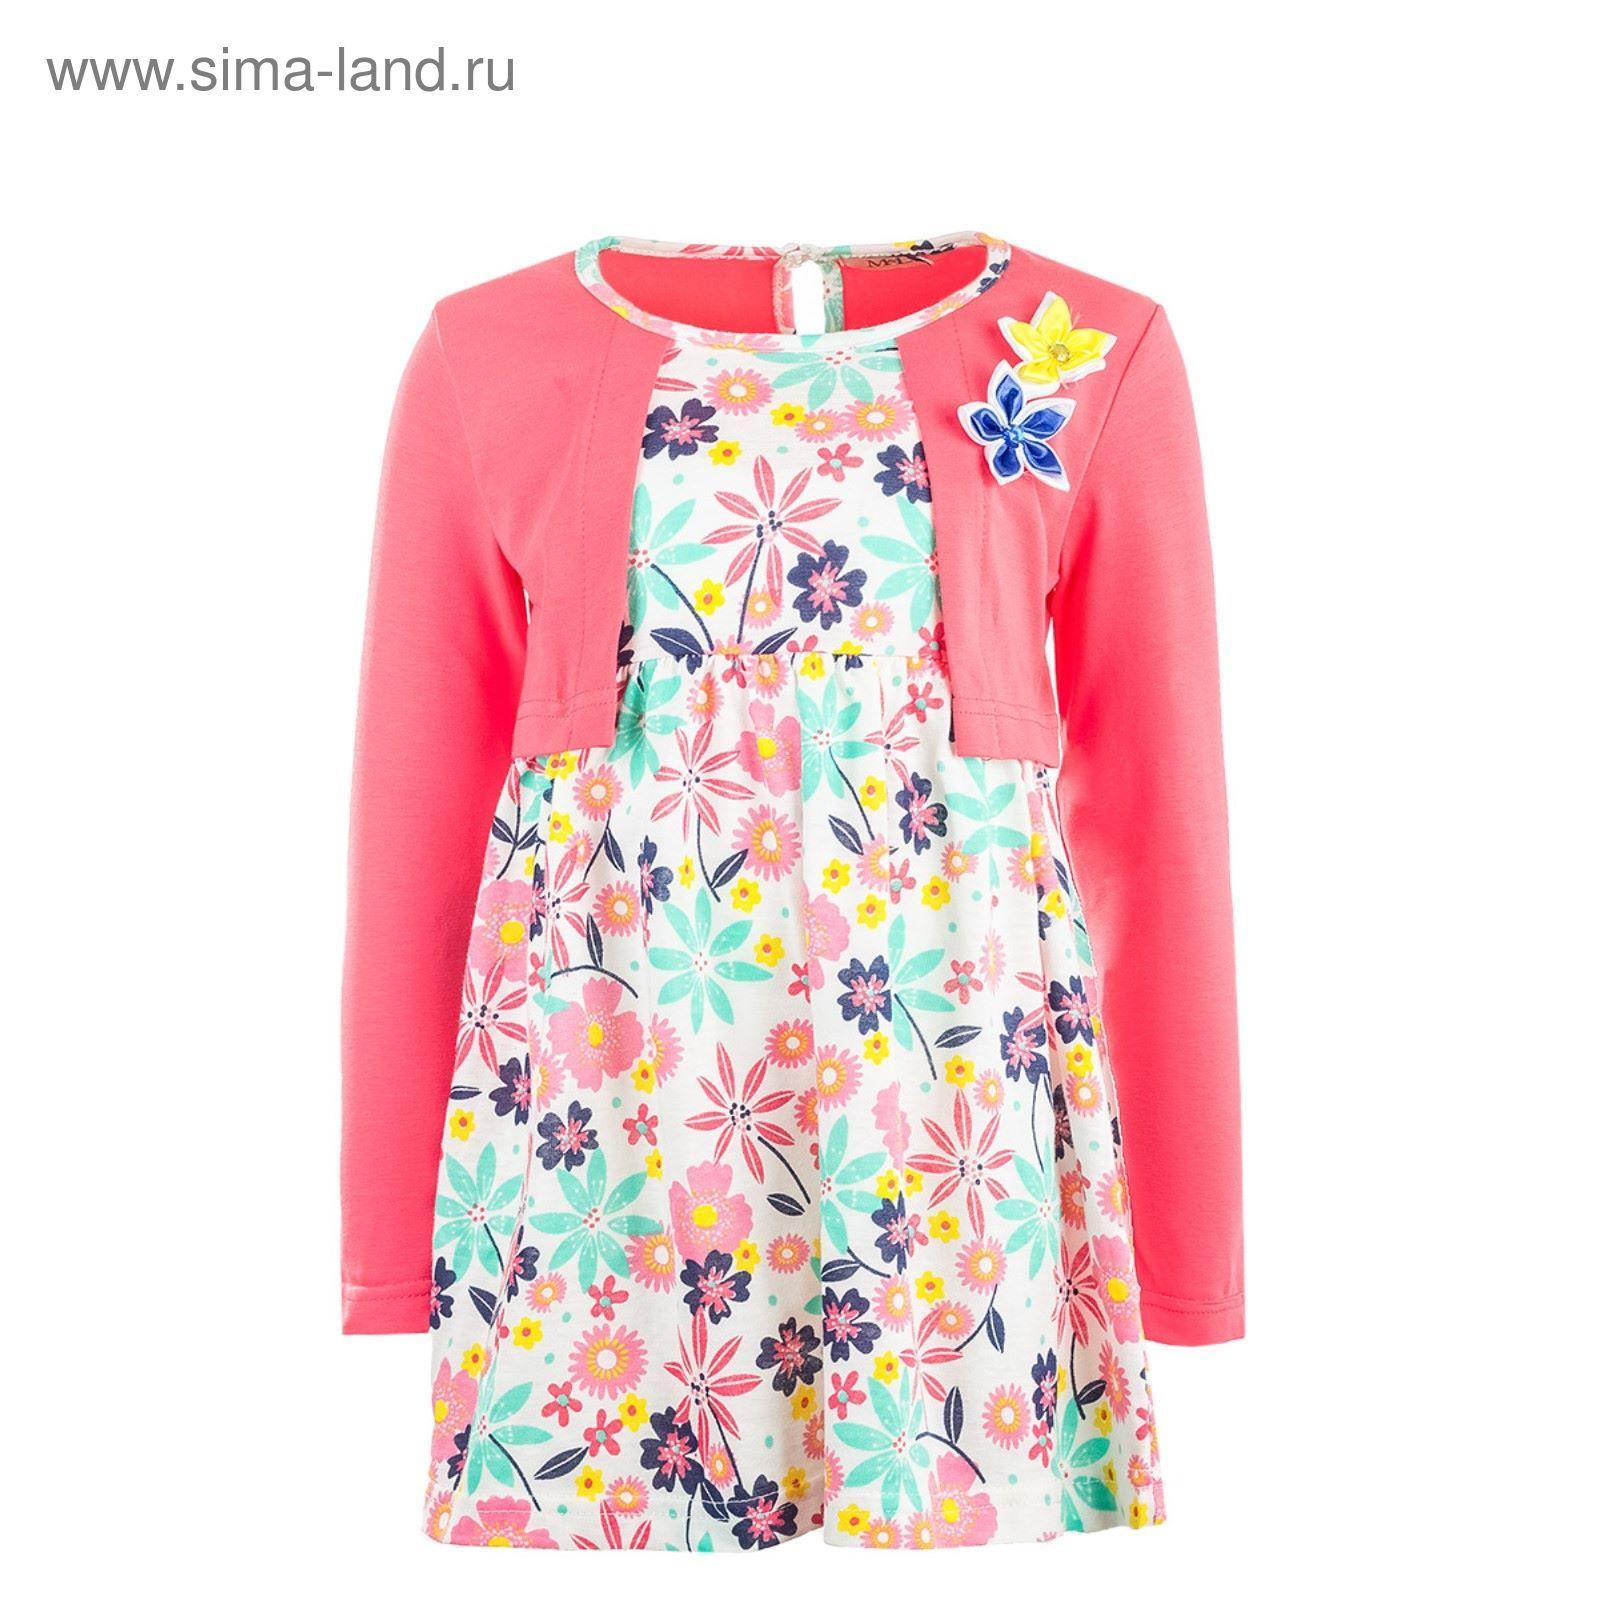 Платье для девочки, рост 104 см, цвет коралловый WJD26047М-4-104 ... 8e09d1822b7